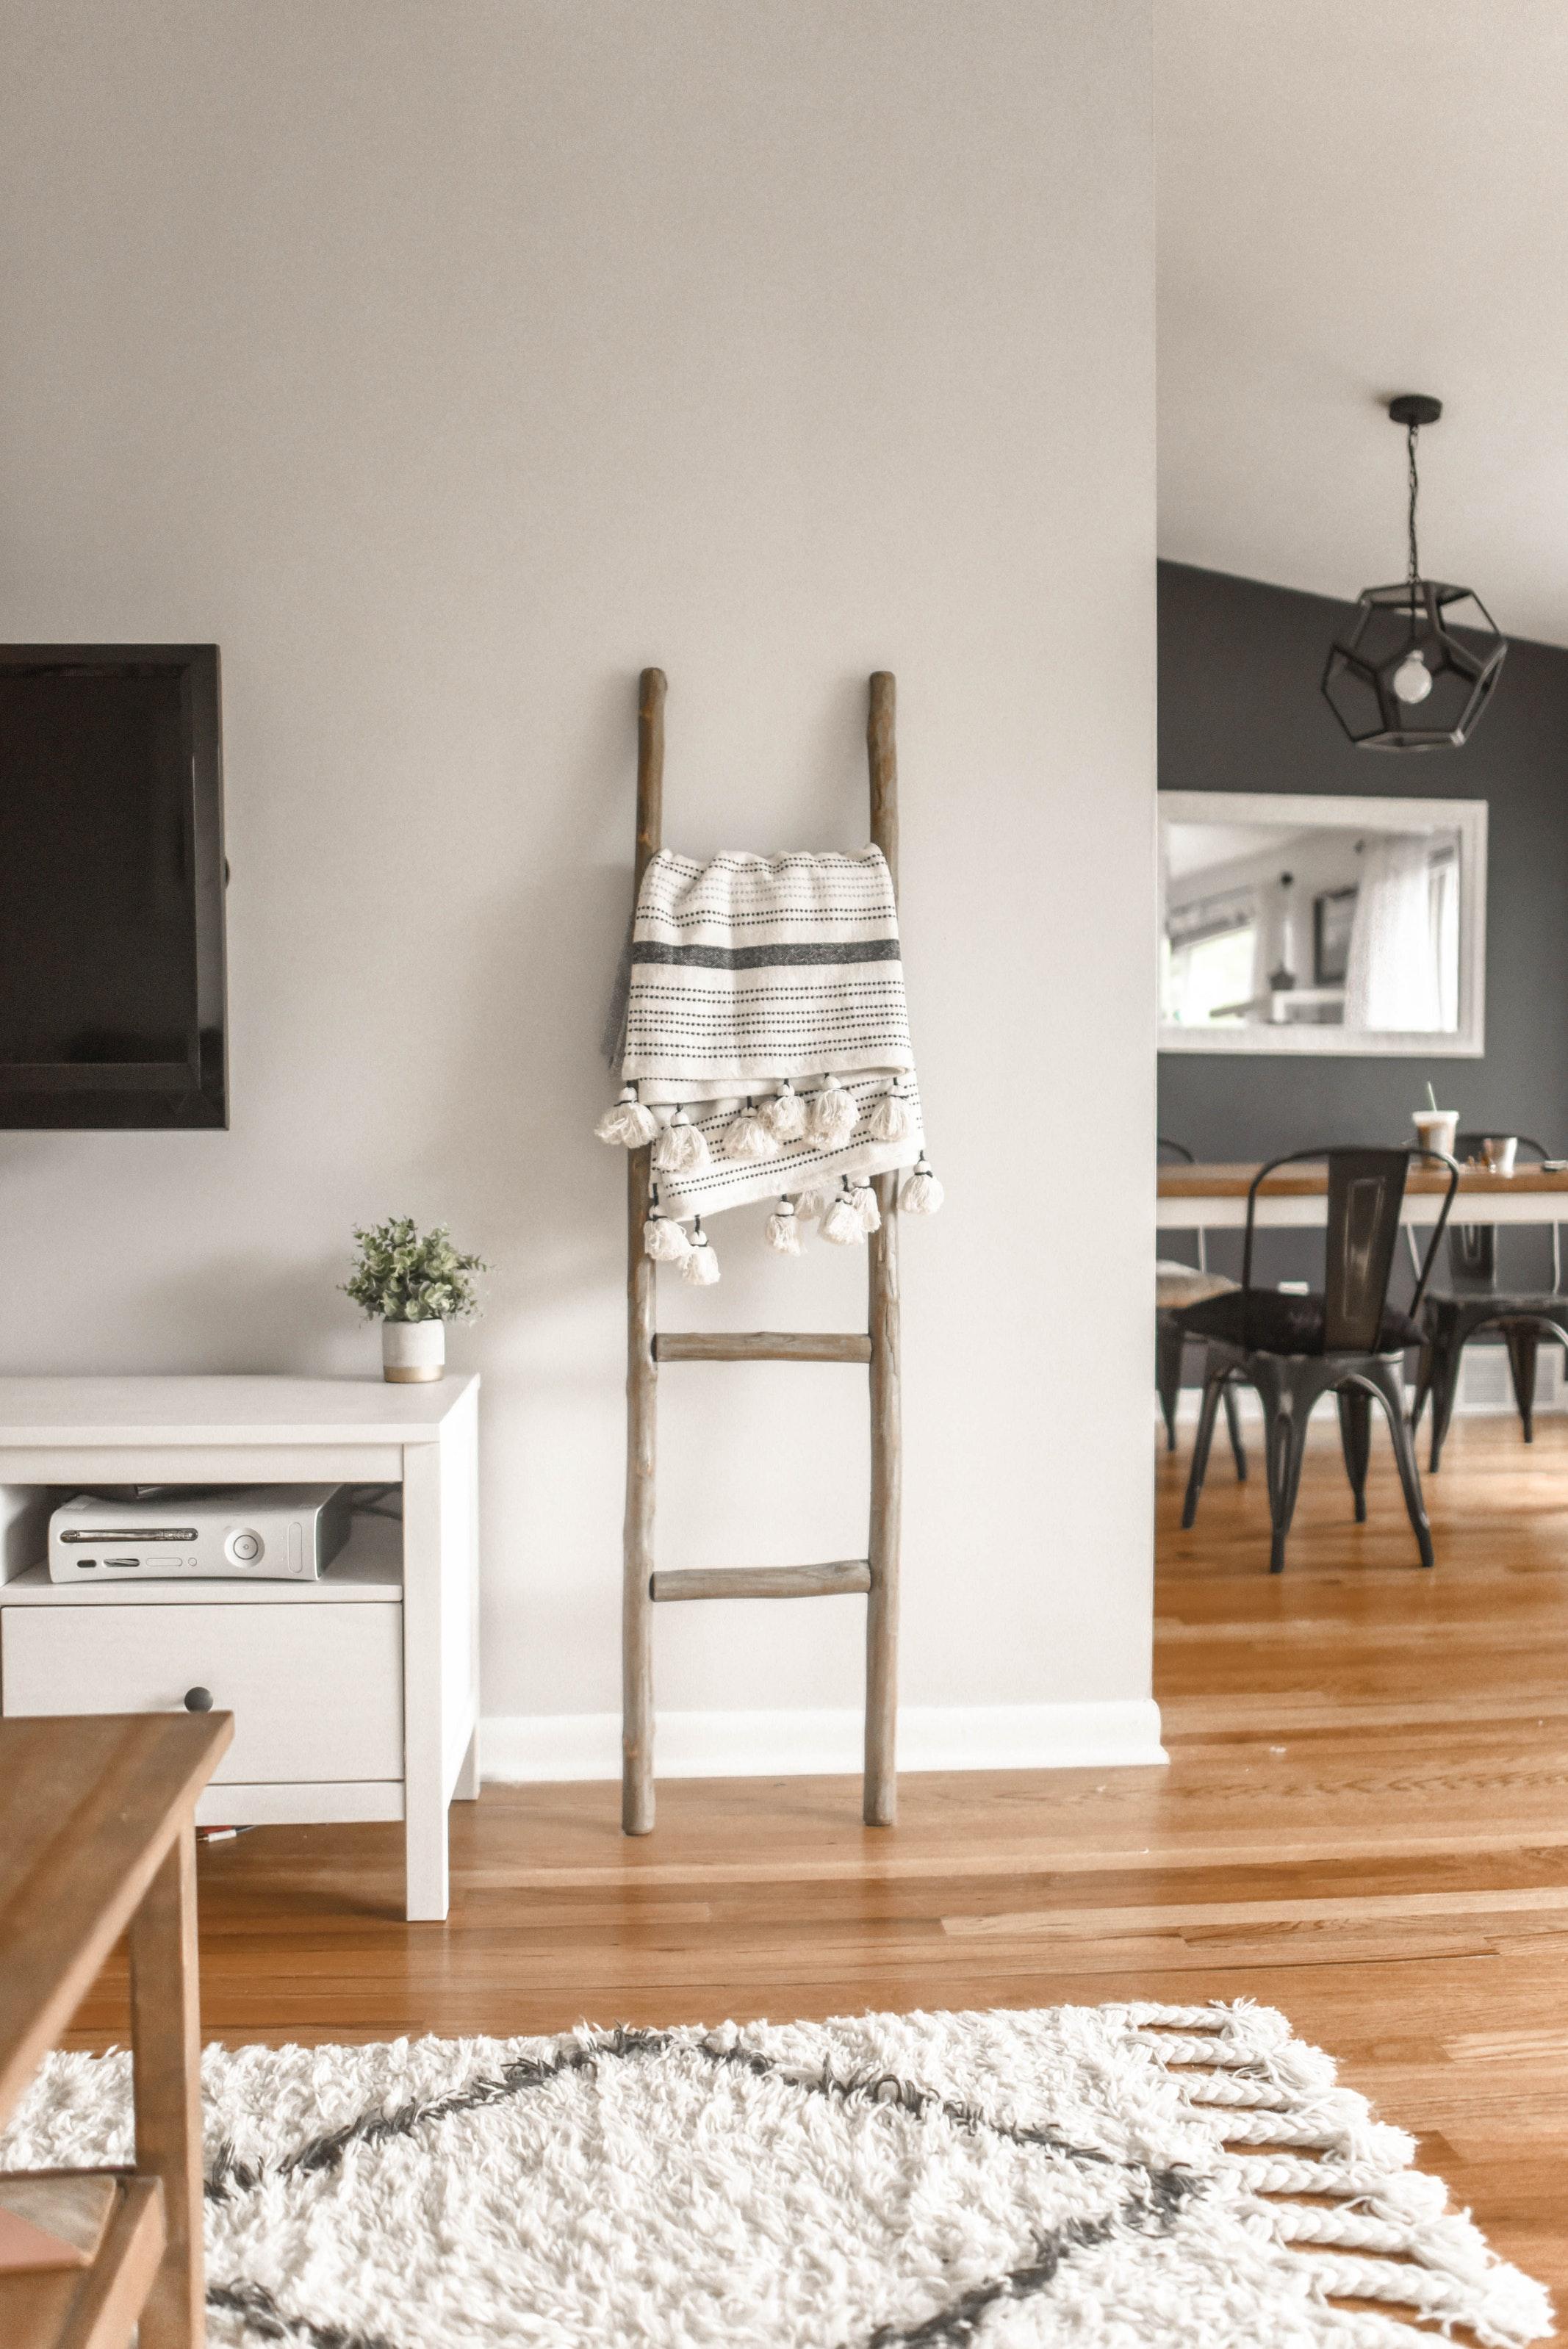 Salon Et Cuisine Aire Ouverte comment aménager un salon avec une cuisine ouverte ? - le